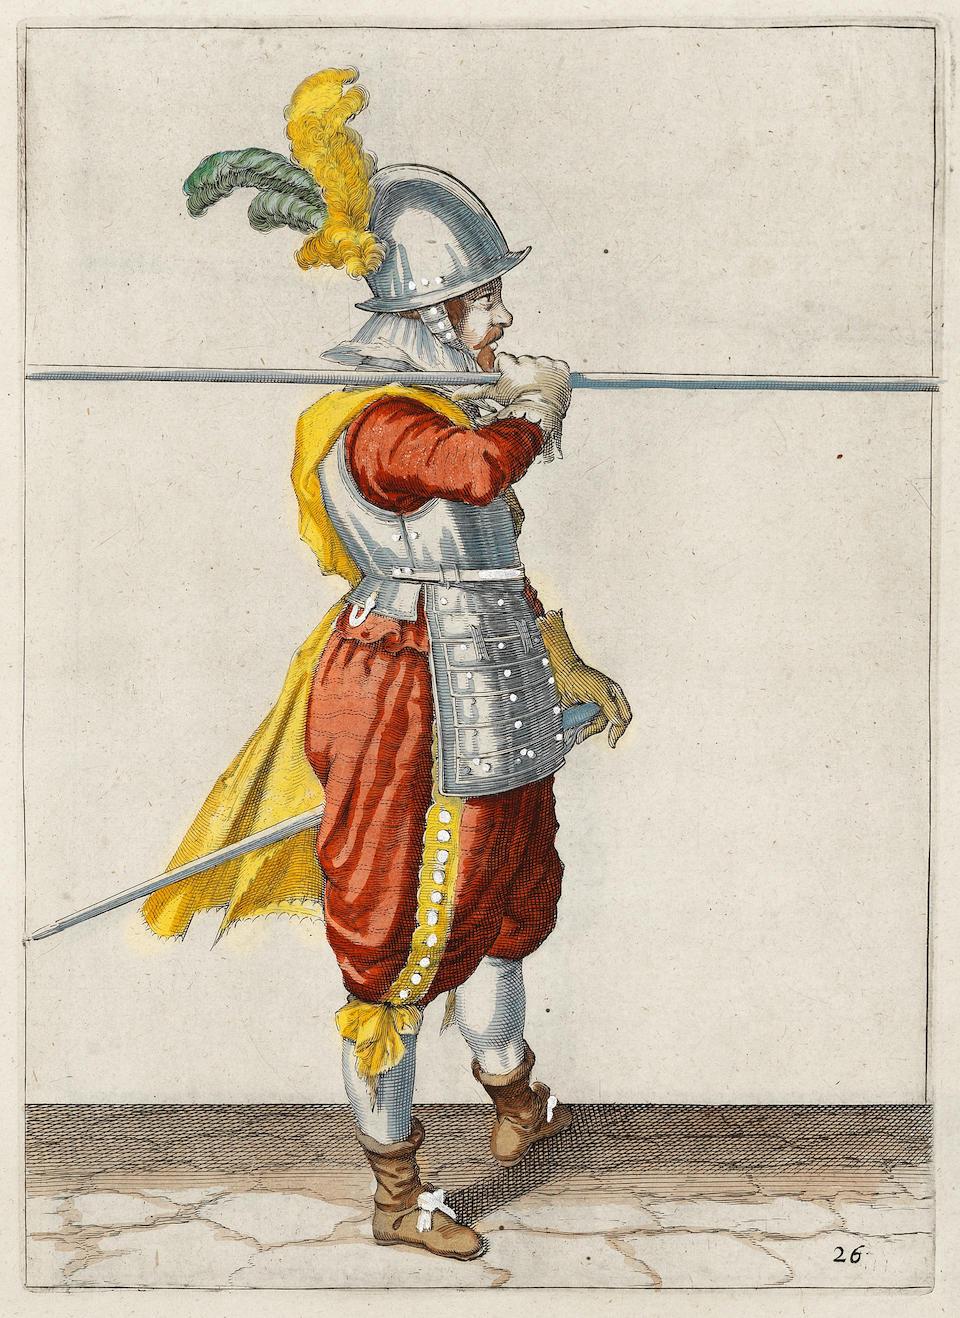 GHEYN (JACOB DE) Mainement d'armes d'arquebuses, mousquetz, et picques, Amsterdam, Robert de Baudous... on les vend' aussi a Amsterdam chez Henry Laurens, 1608